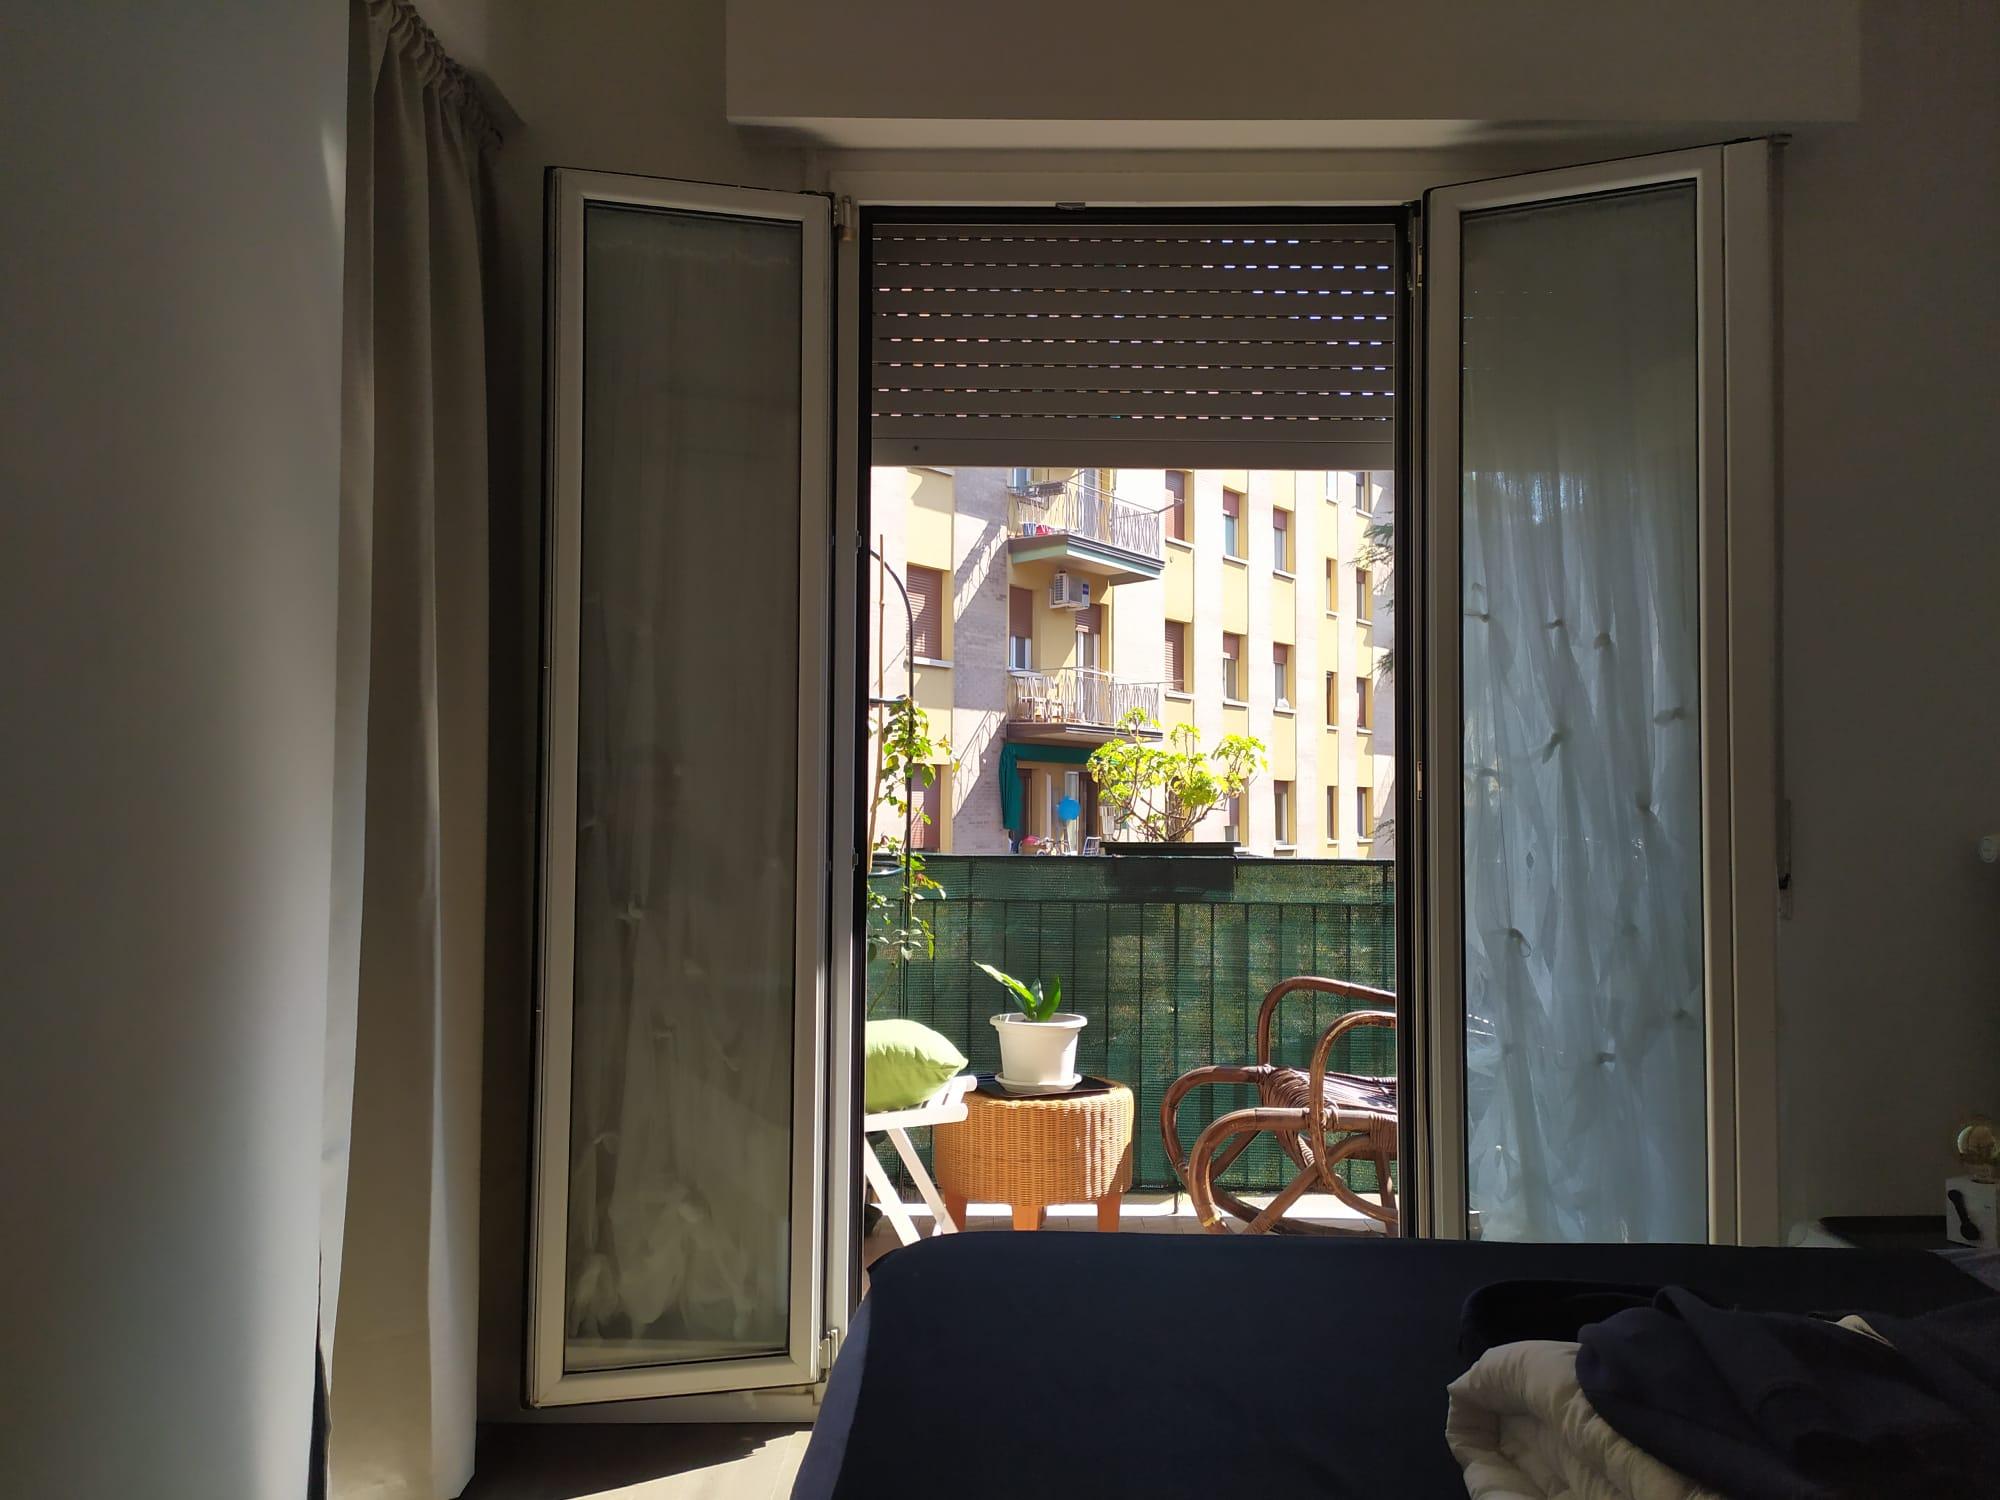 Lavorano Spesso Alle Finestre il coronavirus dalla finestra di casa mia. frammenti di